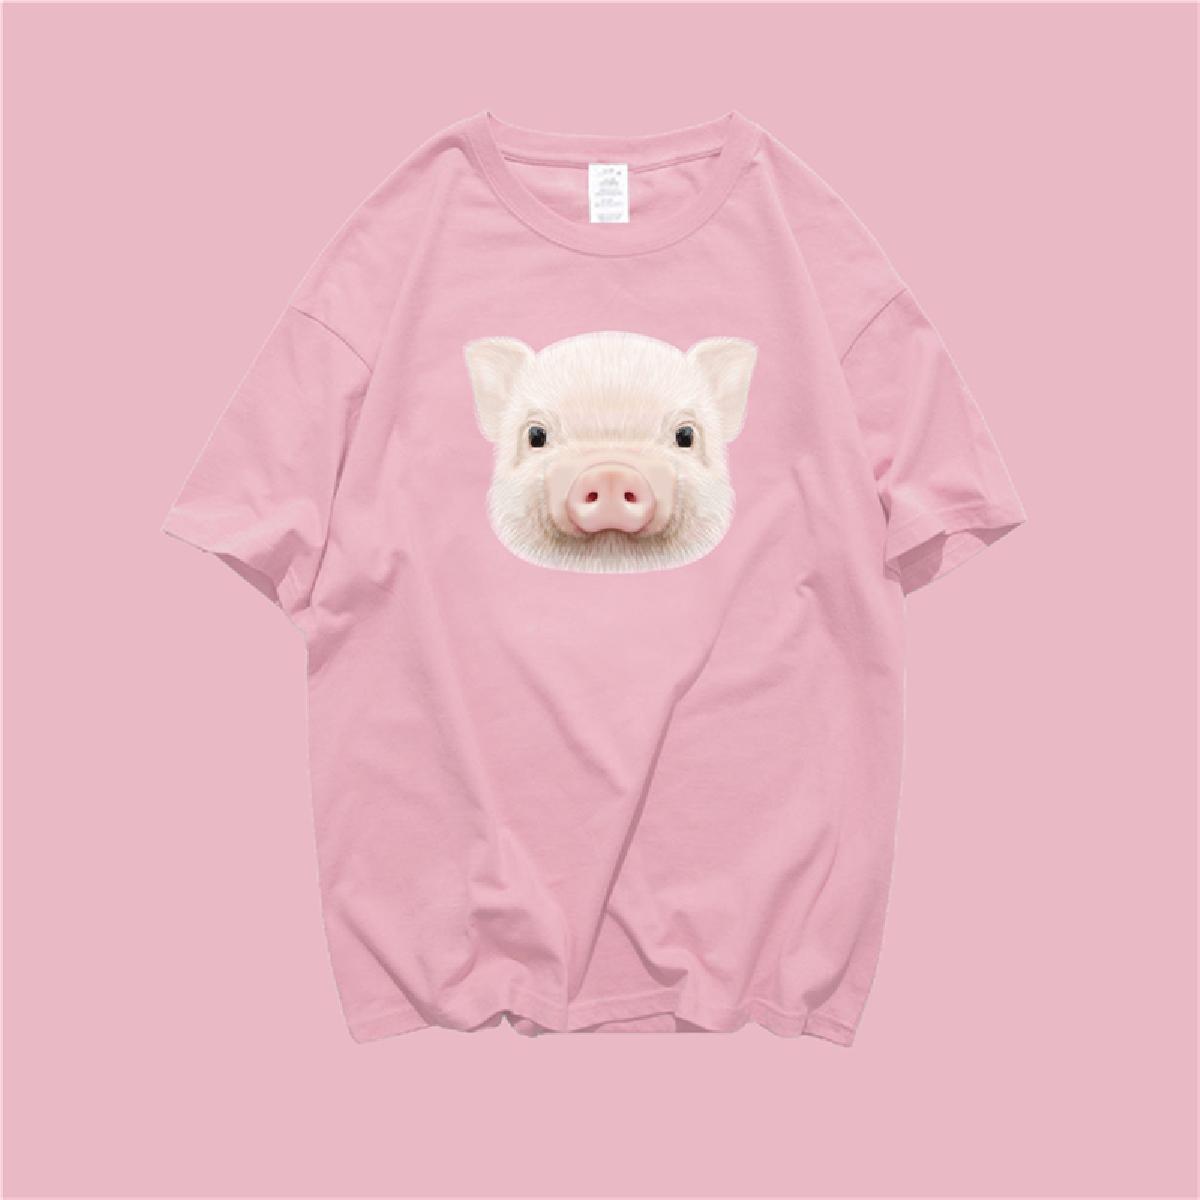 创意情侣t恤 猪猪可爱情侣短袖ins超火潮创意T恤男女纯棉百搭宽松网红克油同款_推荐淘宝好看的女创意情侣t恤